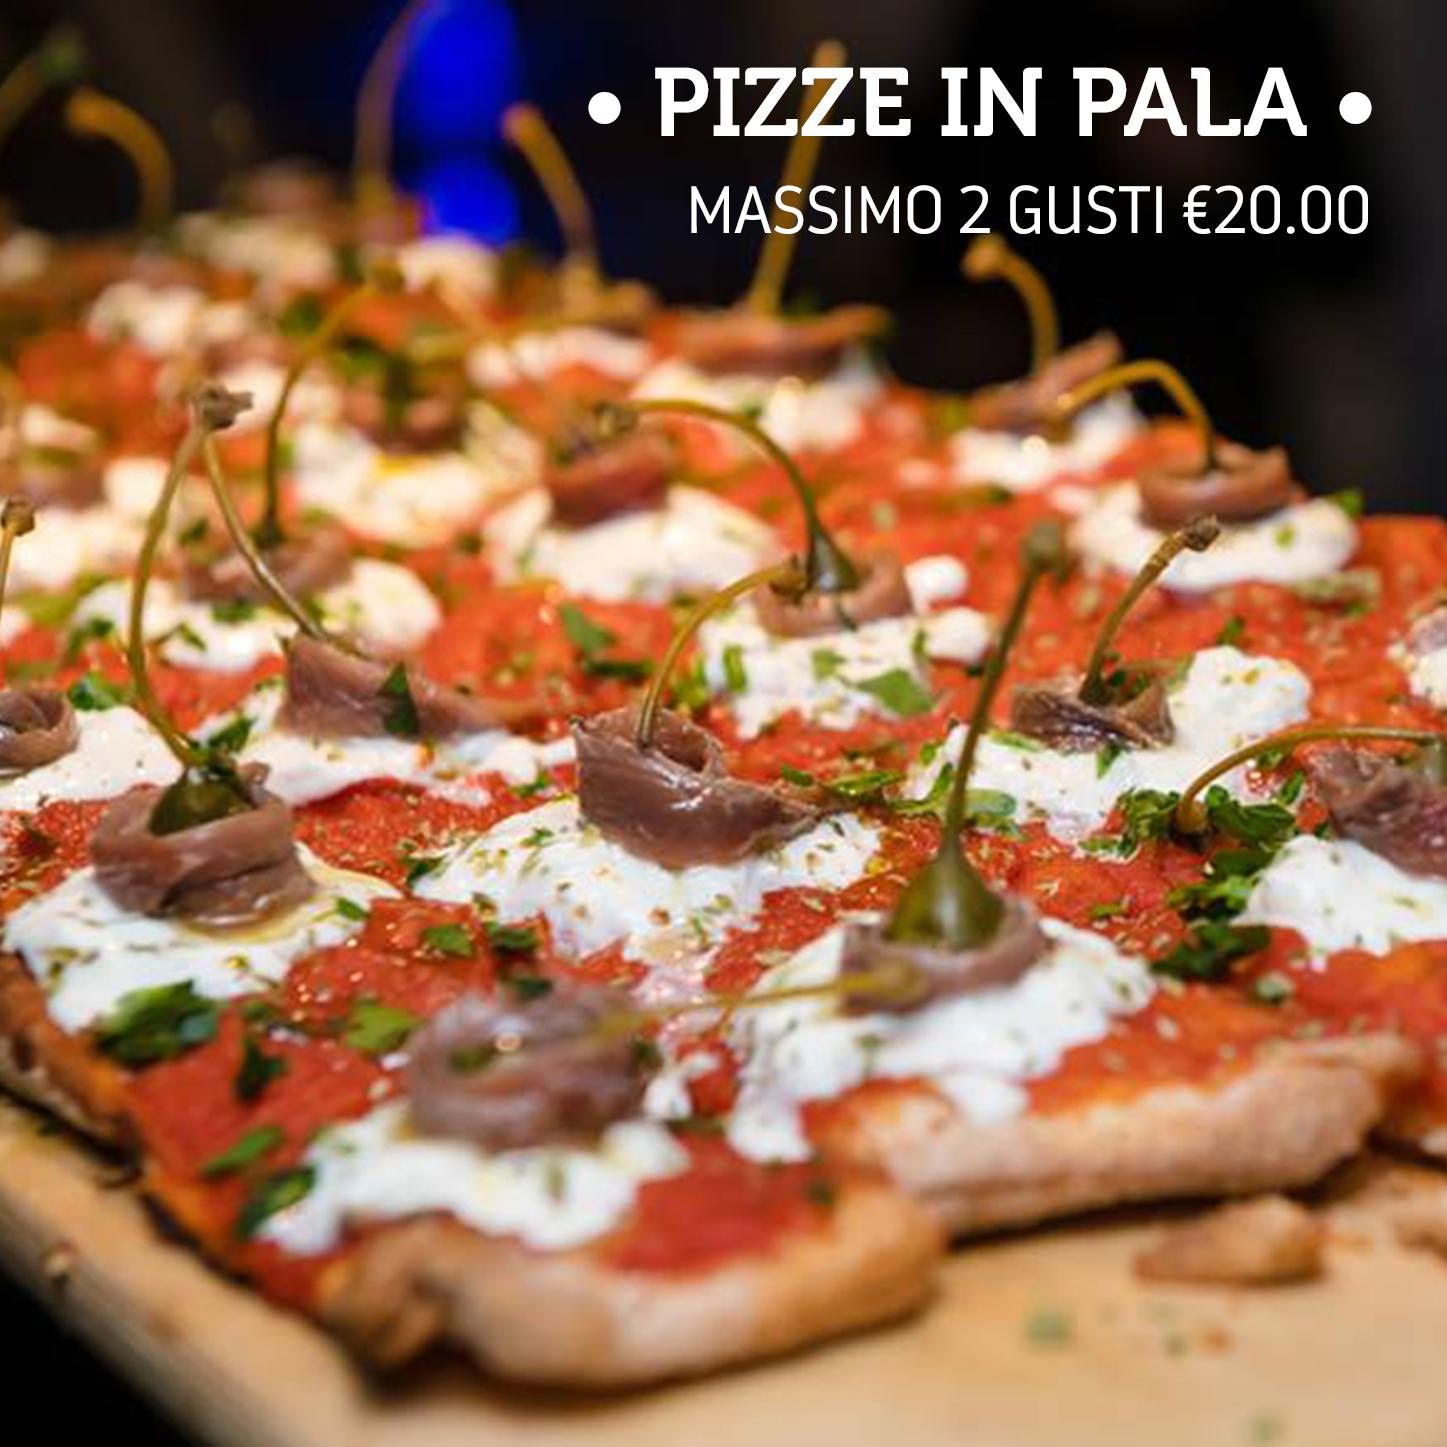 pizze in pala